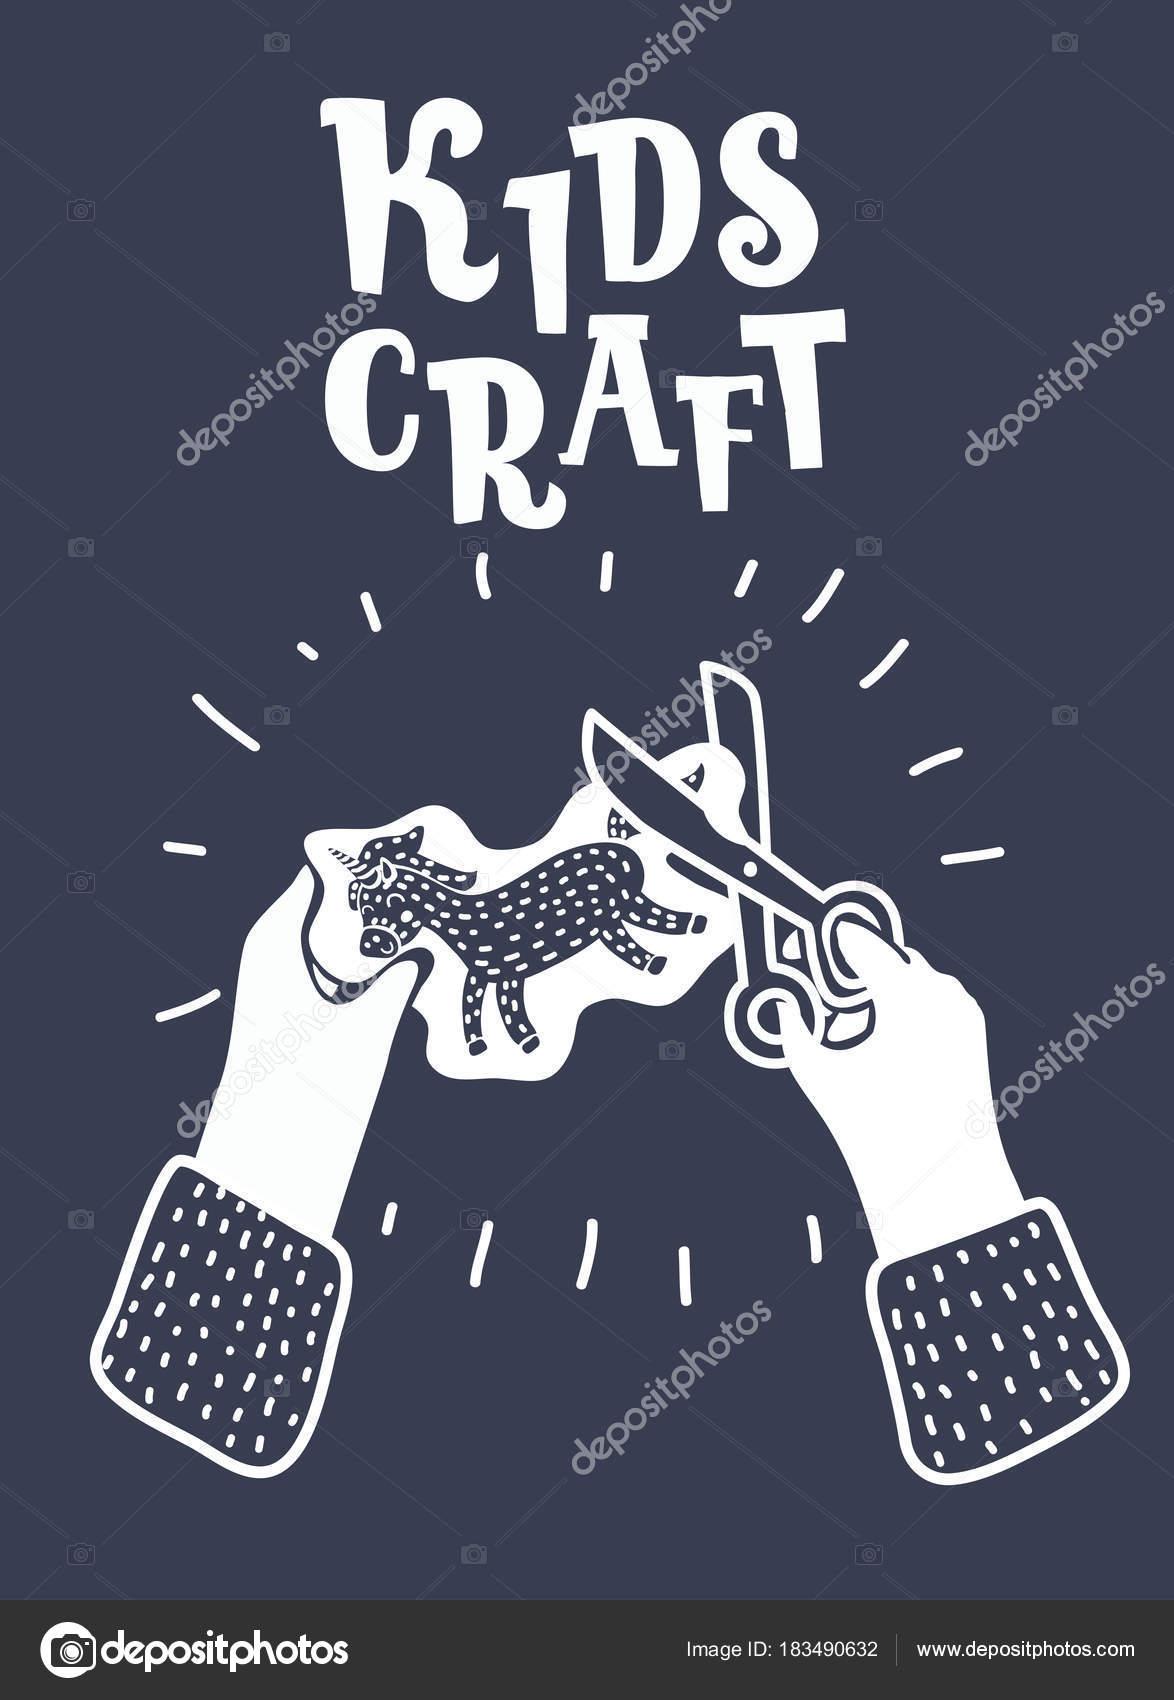 Yeni başlayanlar için iğne işi: karo tırnak işaretleri